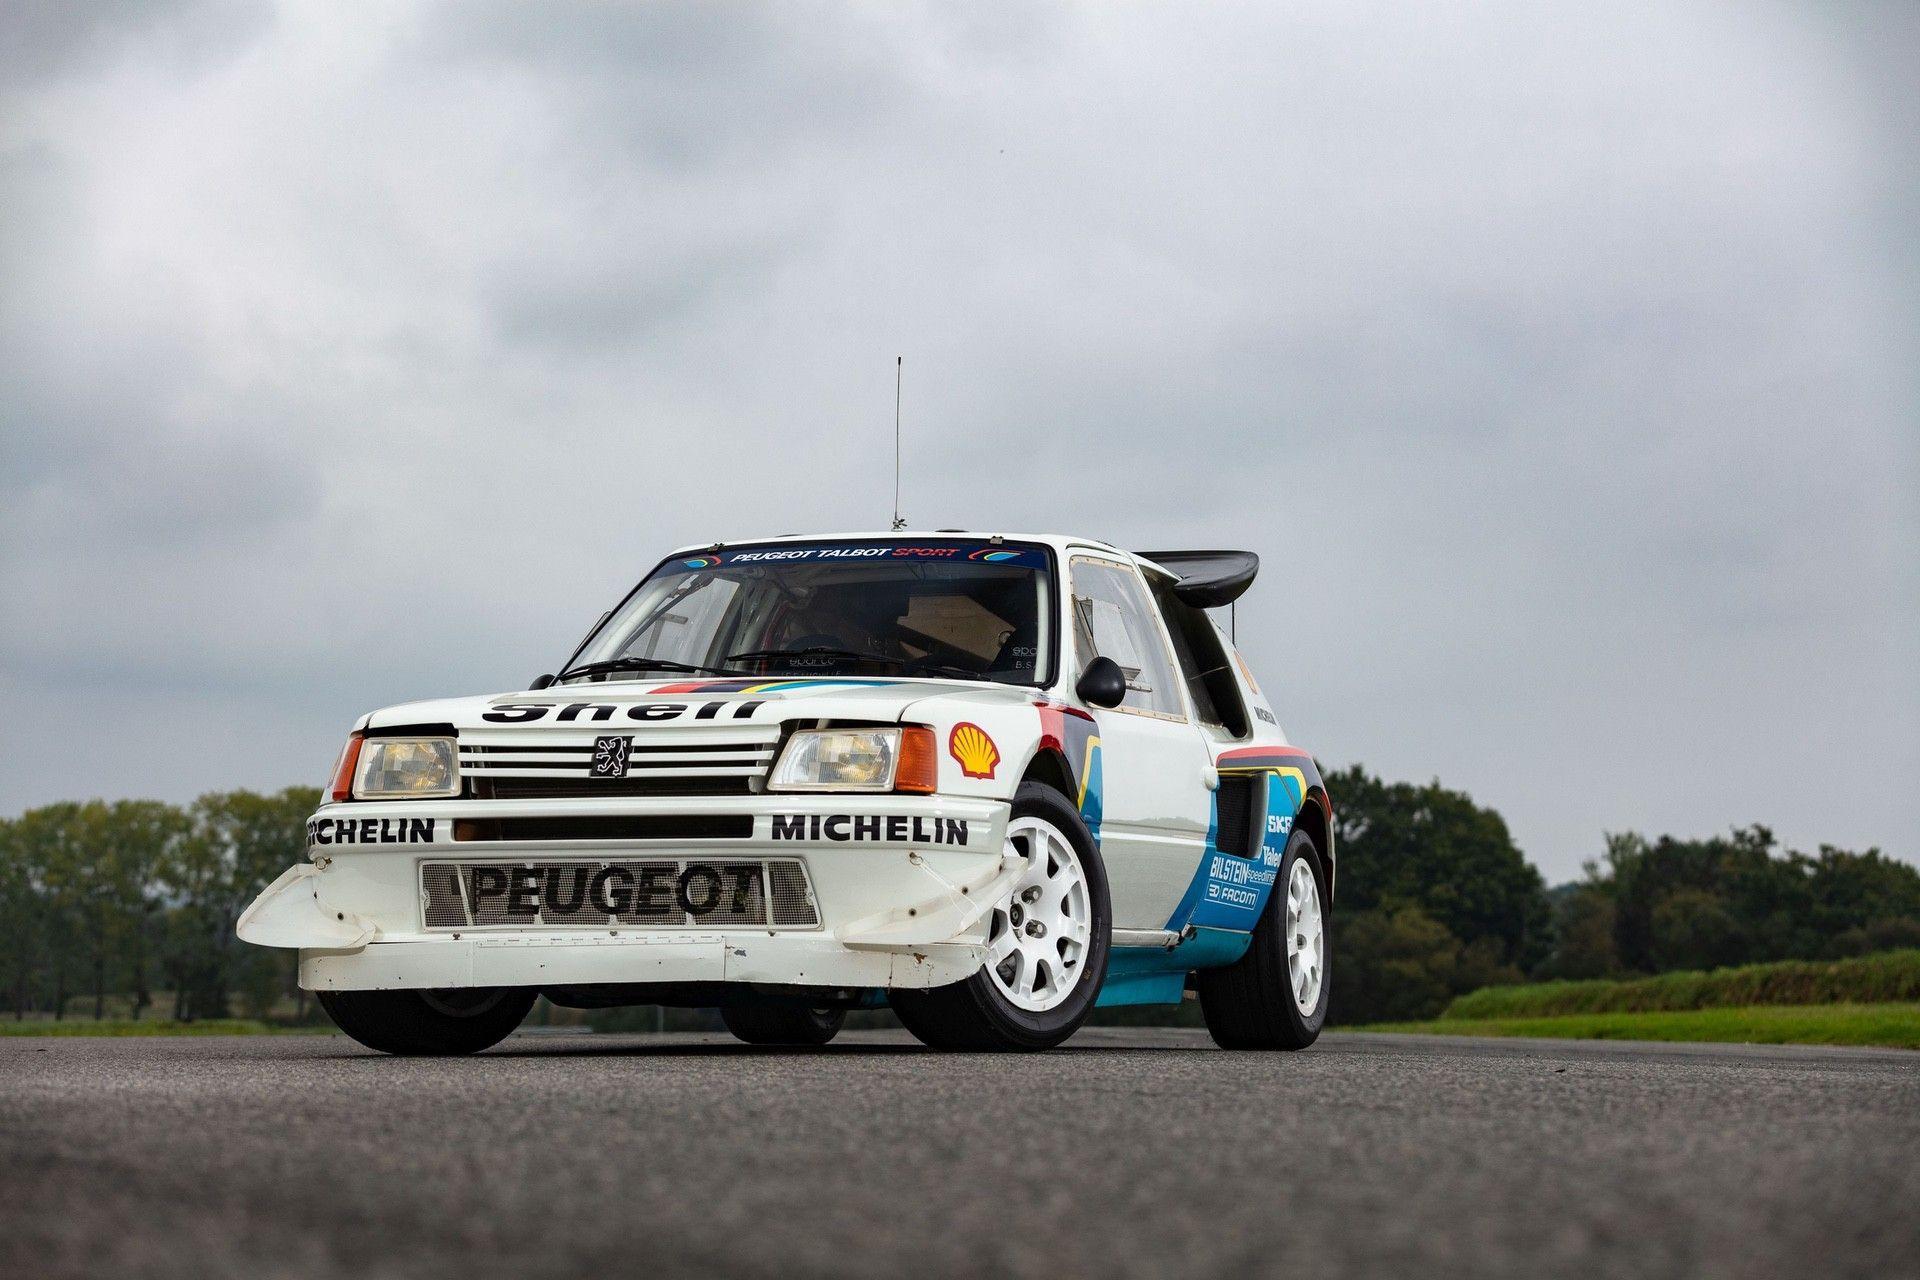 1985_Peugeot_205_Turbo_16_Evolution_2_sale-0010